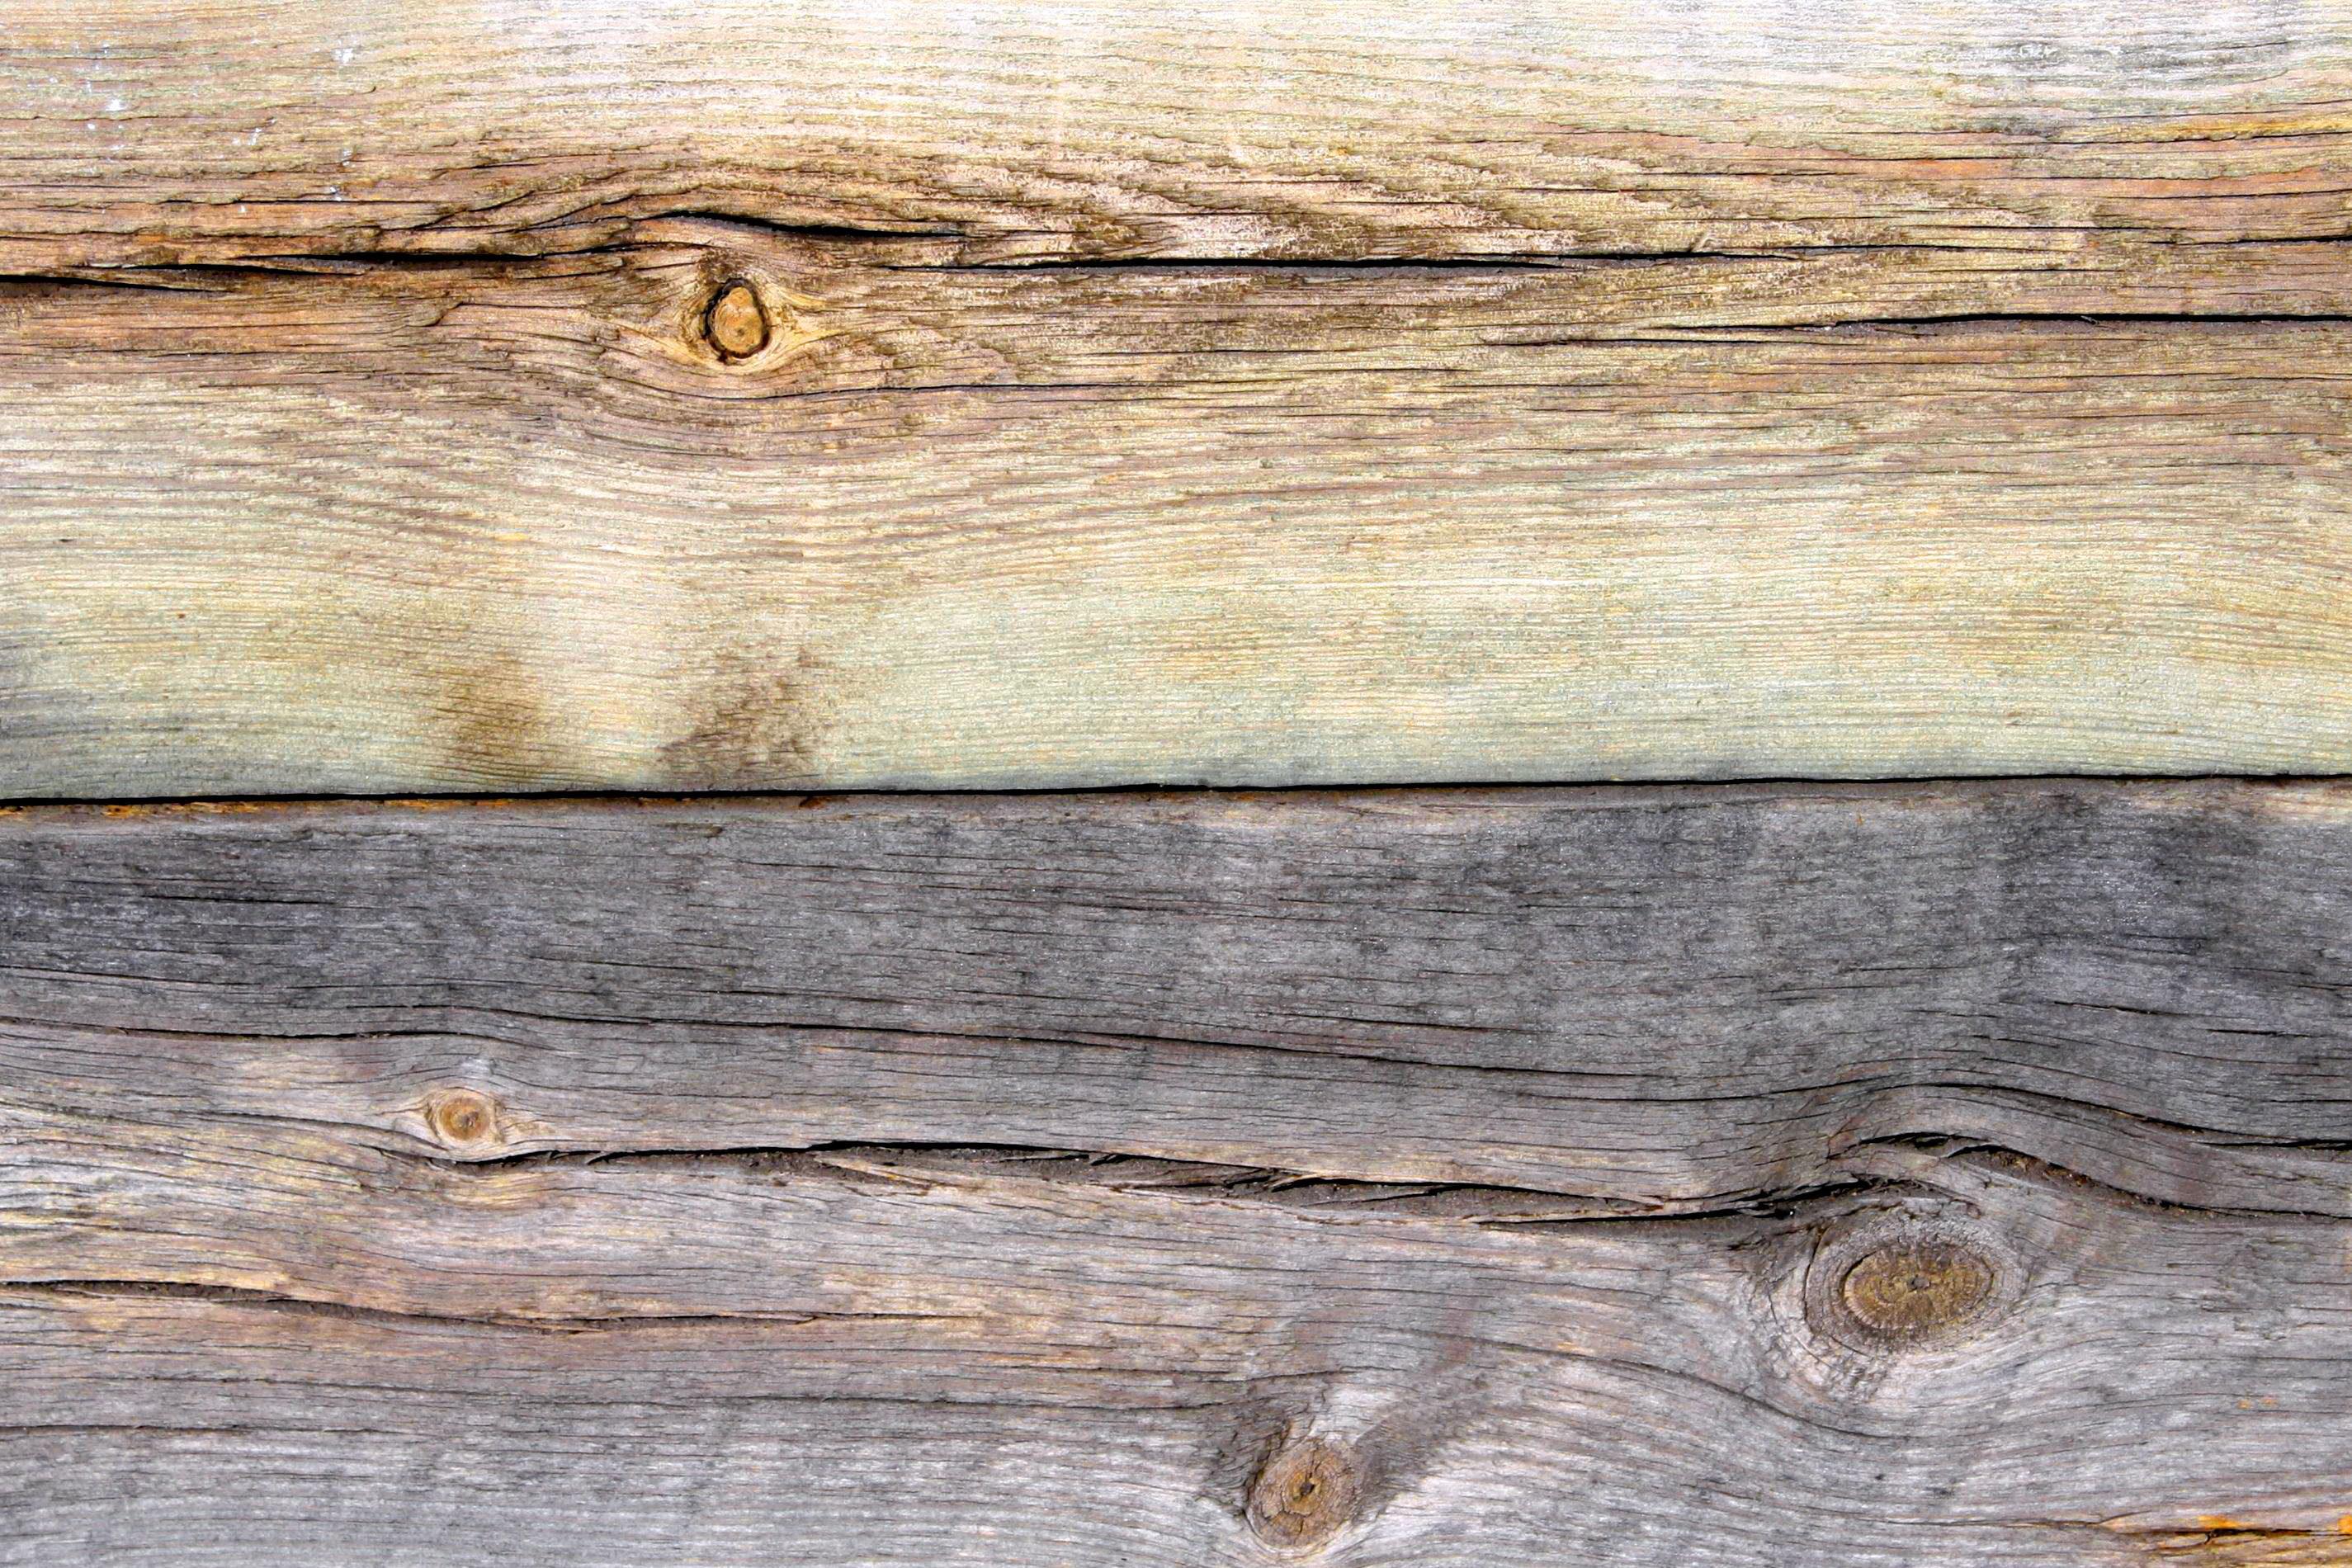 patinage bois wunderbar peinture effet patine bois mur leroy merlin pour meuble avec peinture. Black Bedroom Furniture Sets. Home Design Ideas